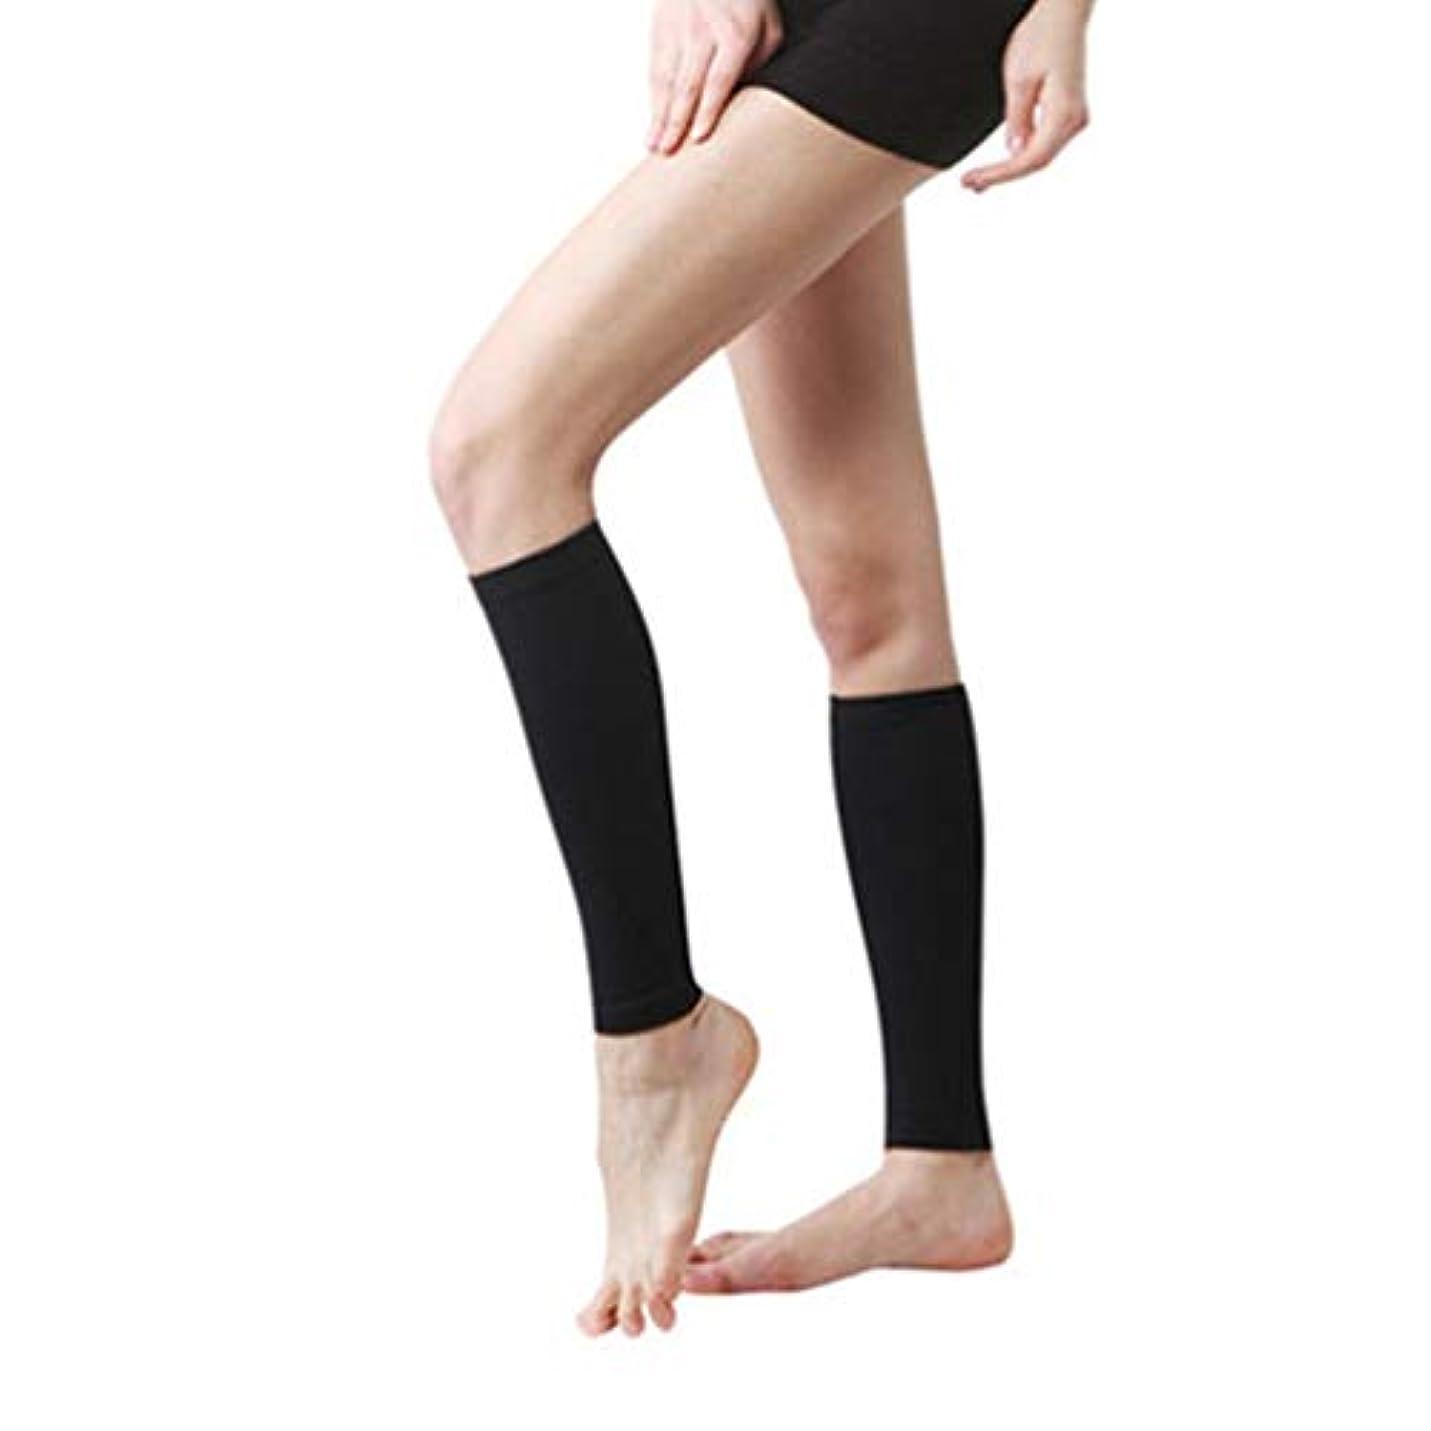 メール債権者ピザ丈夫な男性女性プロの圧縮靴下通気性のある旅行活動看護師用シンススプリントフライトトラベル - ブラック